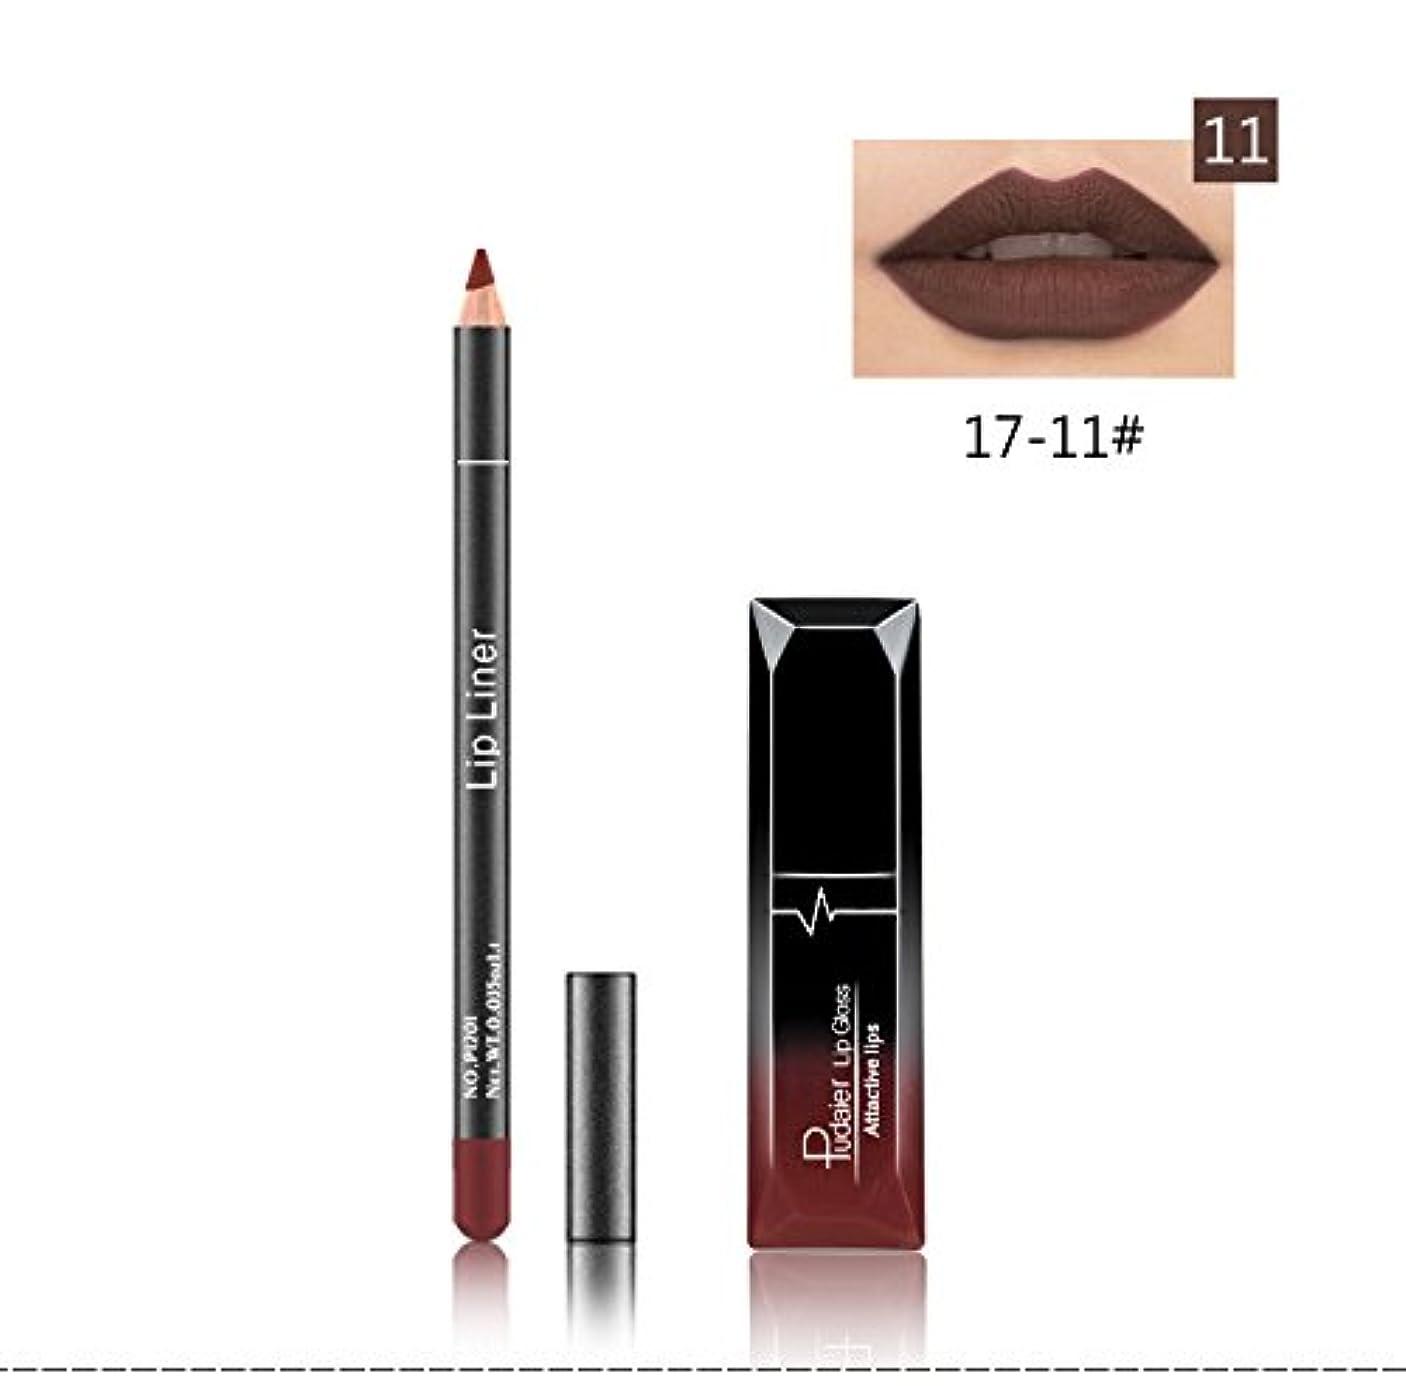 鬼ごっこスイングハイキングに行く(11) Pudaier 1pc Matte Liquid Lipstick Cosmetic Lip Kit+ 1 Pc Nude Lip Liner Pencil MakeUp Set Waterproof Long Lasting Lipstick Gfit